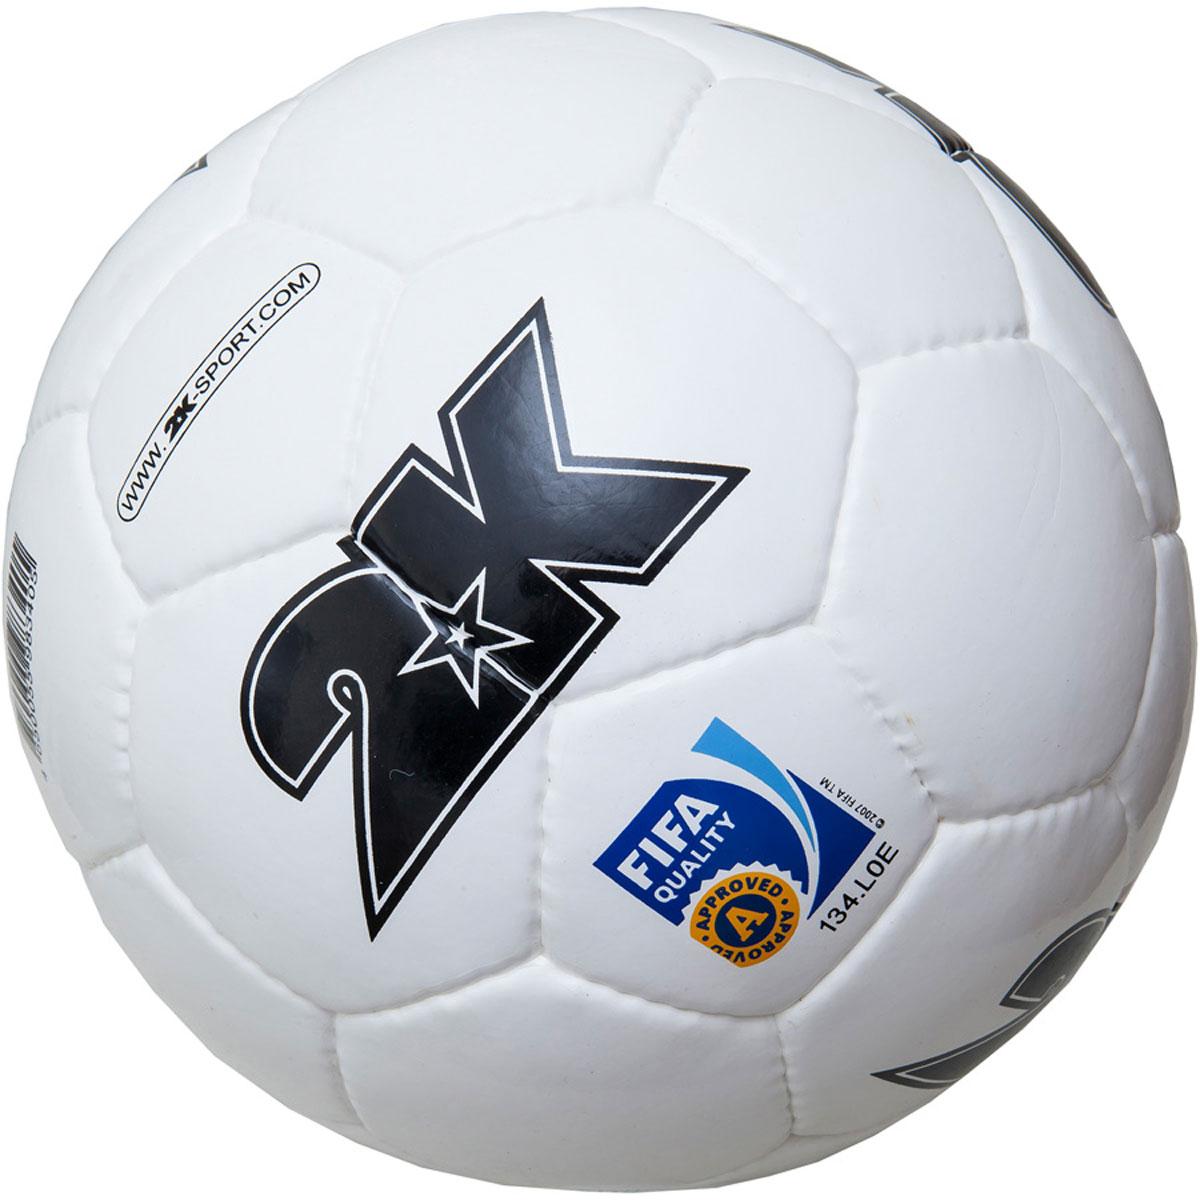 Мяч футбольный 2K Sport Elite, цвет: белый, черный. Размер 5127053Профессиональный футбольный мяч 2K Sport Elite одобрен FIFA для проведения соревнований высшей категории. Мяч состоит из 32 панелей ручной сшивки. Швы проклеены для герметизации. Мяч выполнен из переливающегося ламинированного полиуретана. Имеется три подкладочных слоя из эксклюзивной ткани - смеси хлопка с полиэстером. Идеально сбалансированная бесшовная камера изготовлена из натурального латекса.Сертификат FIFA Approved.